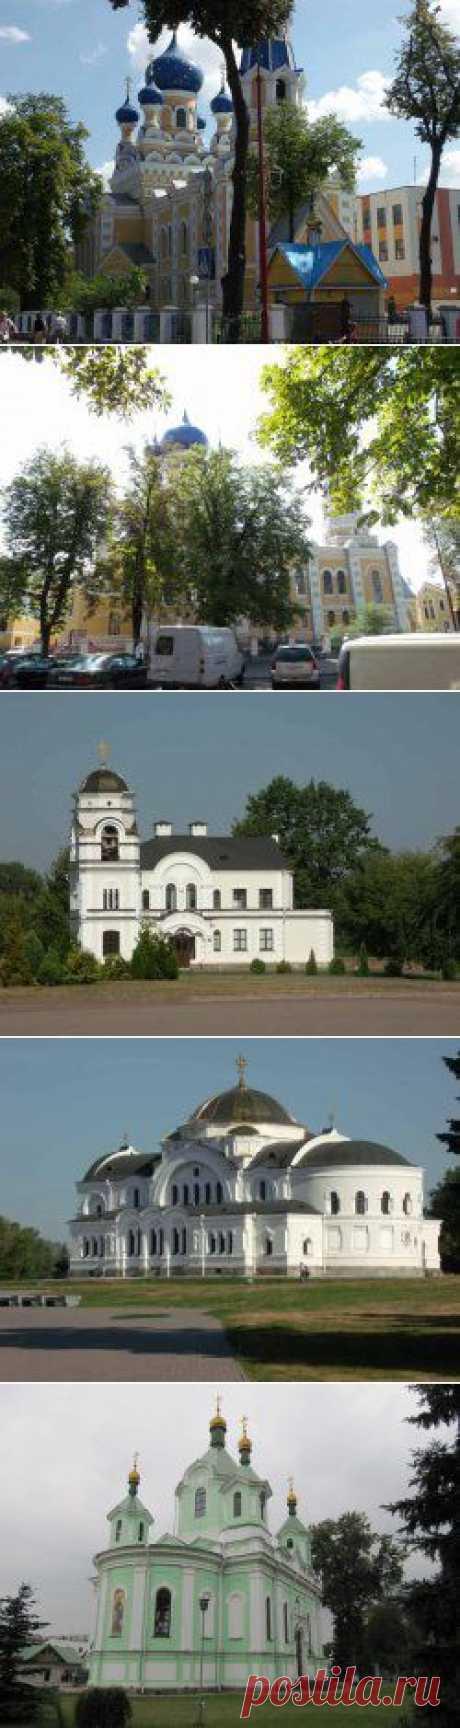 Брест (Беларусь) православные храмы